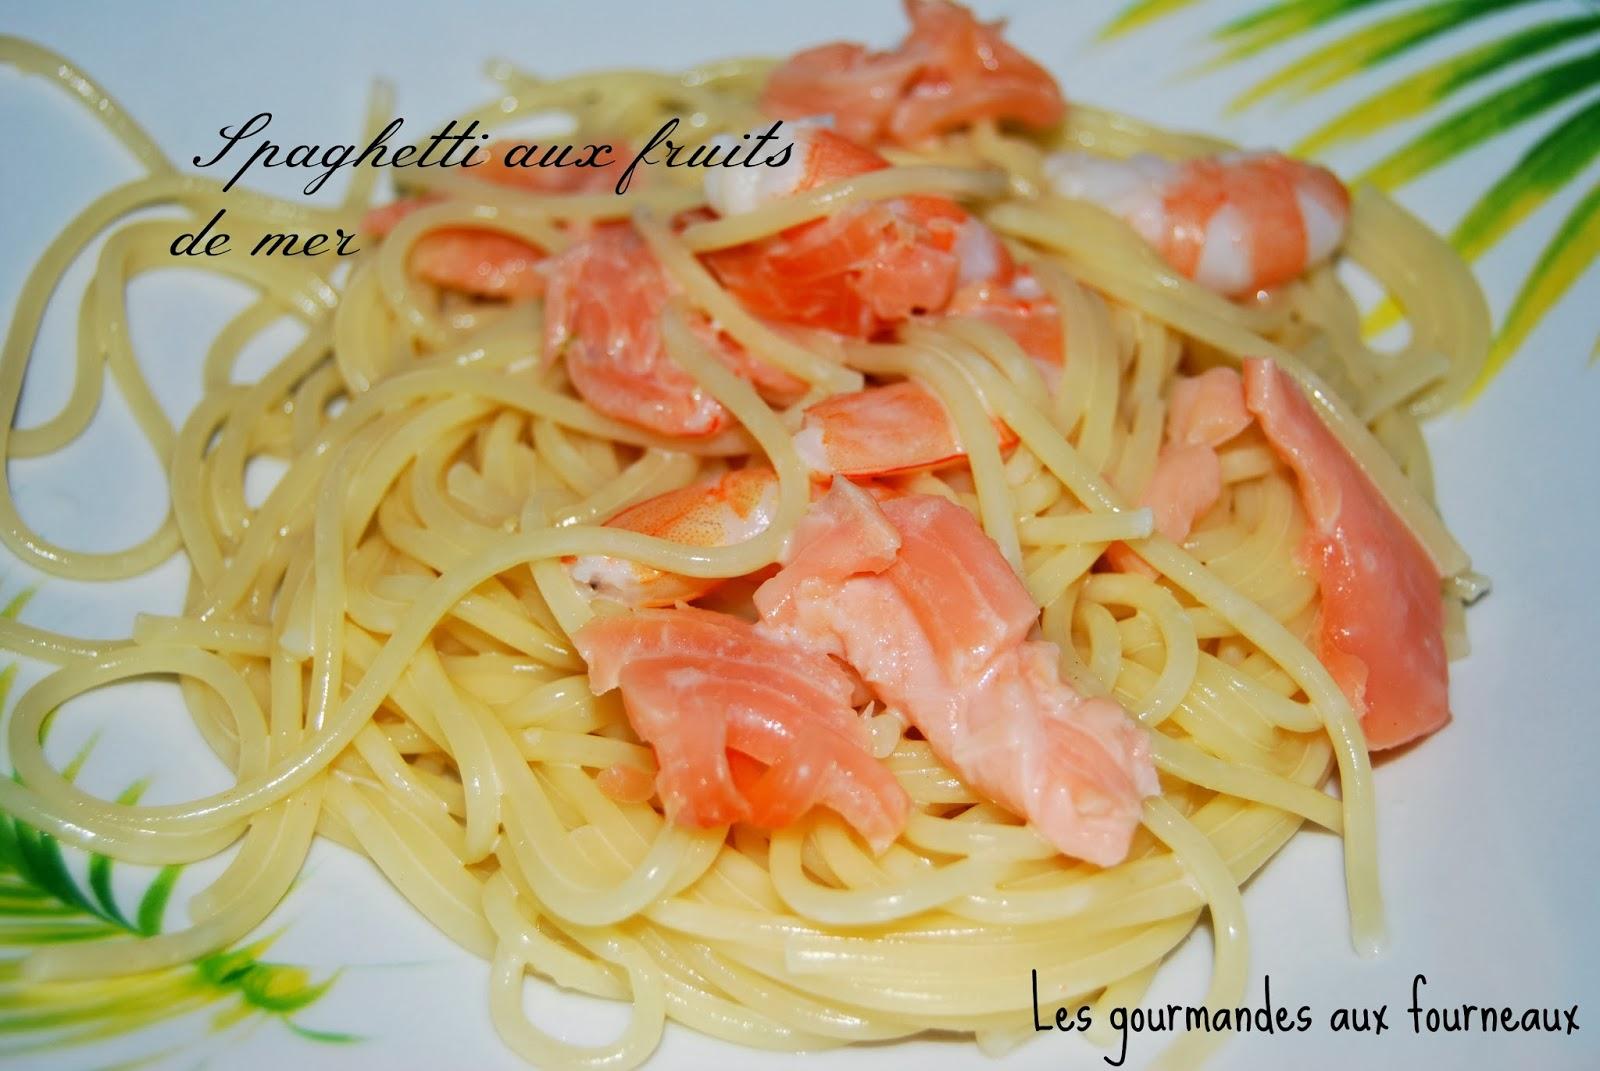 Les gourmandes aux fourneaux spaghetti aux fruits de mer - Spaghetti aux fruits de mer ...